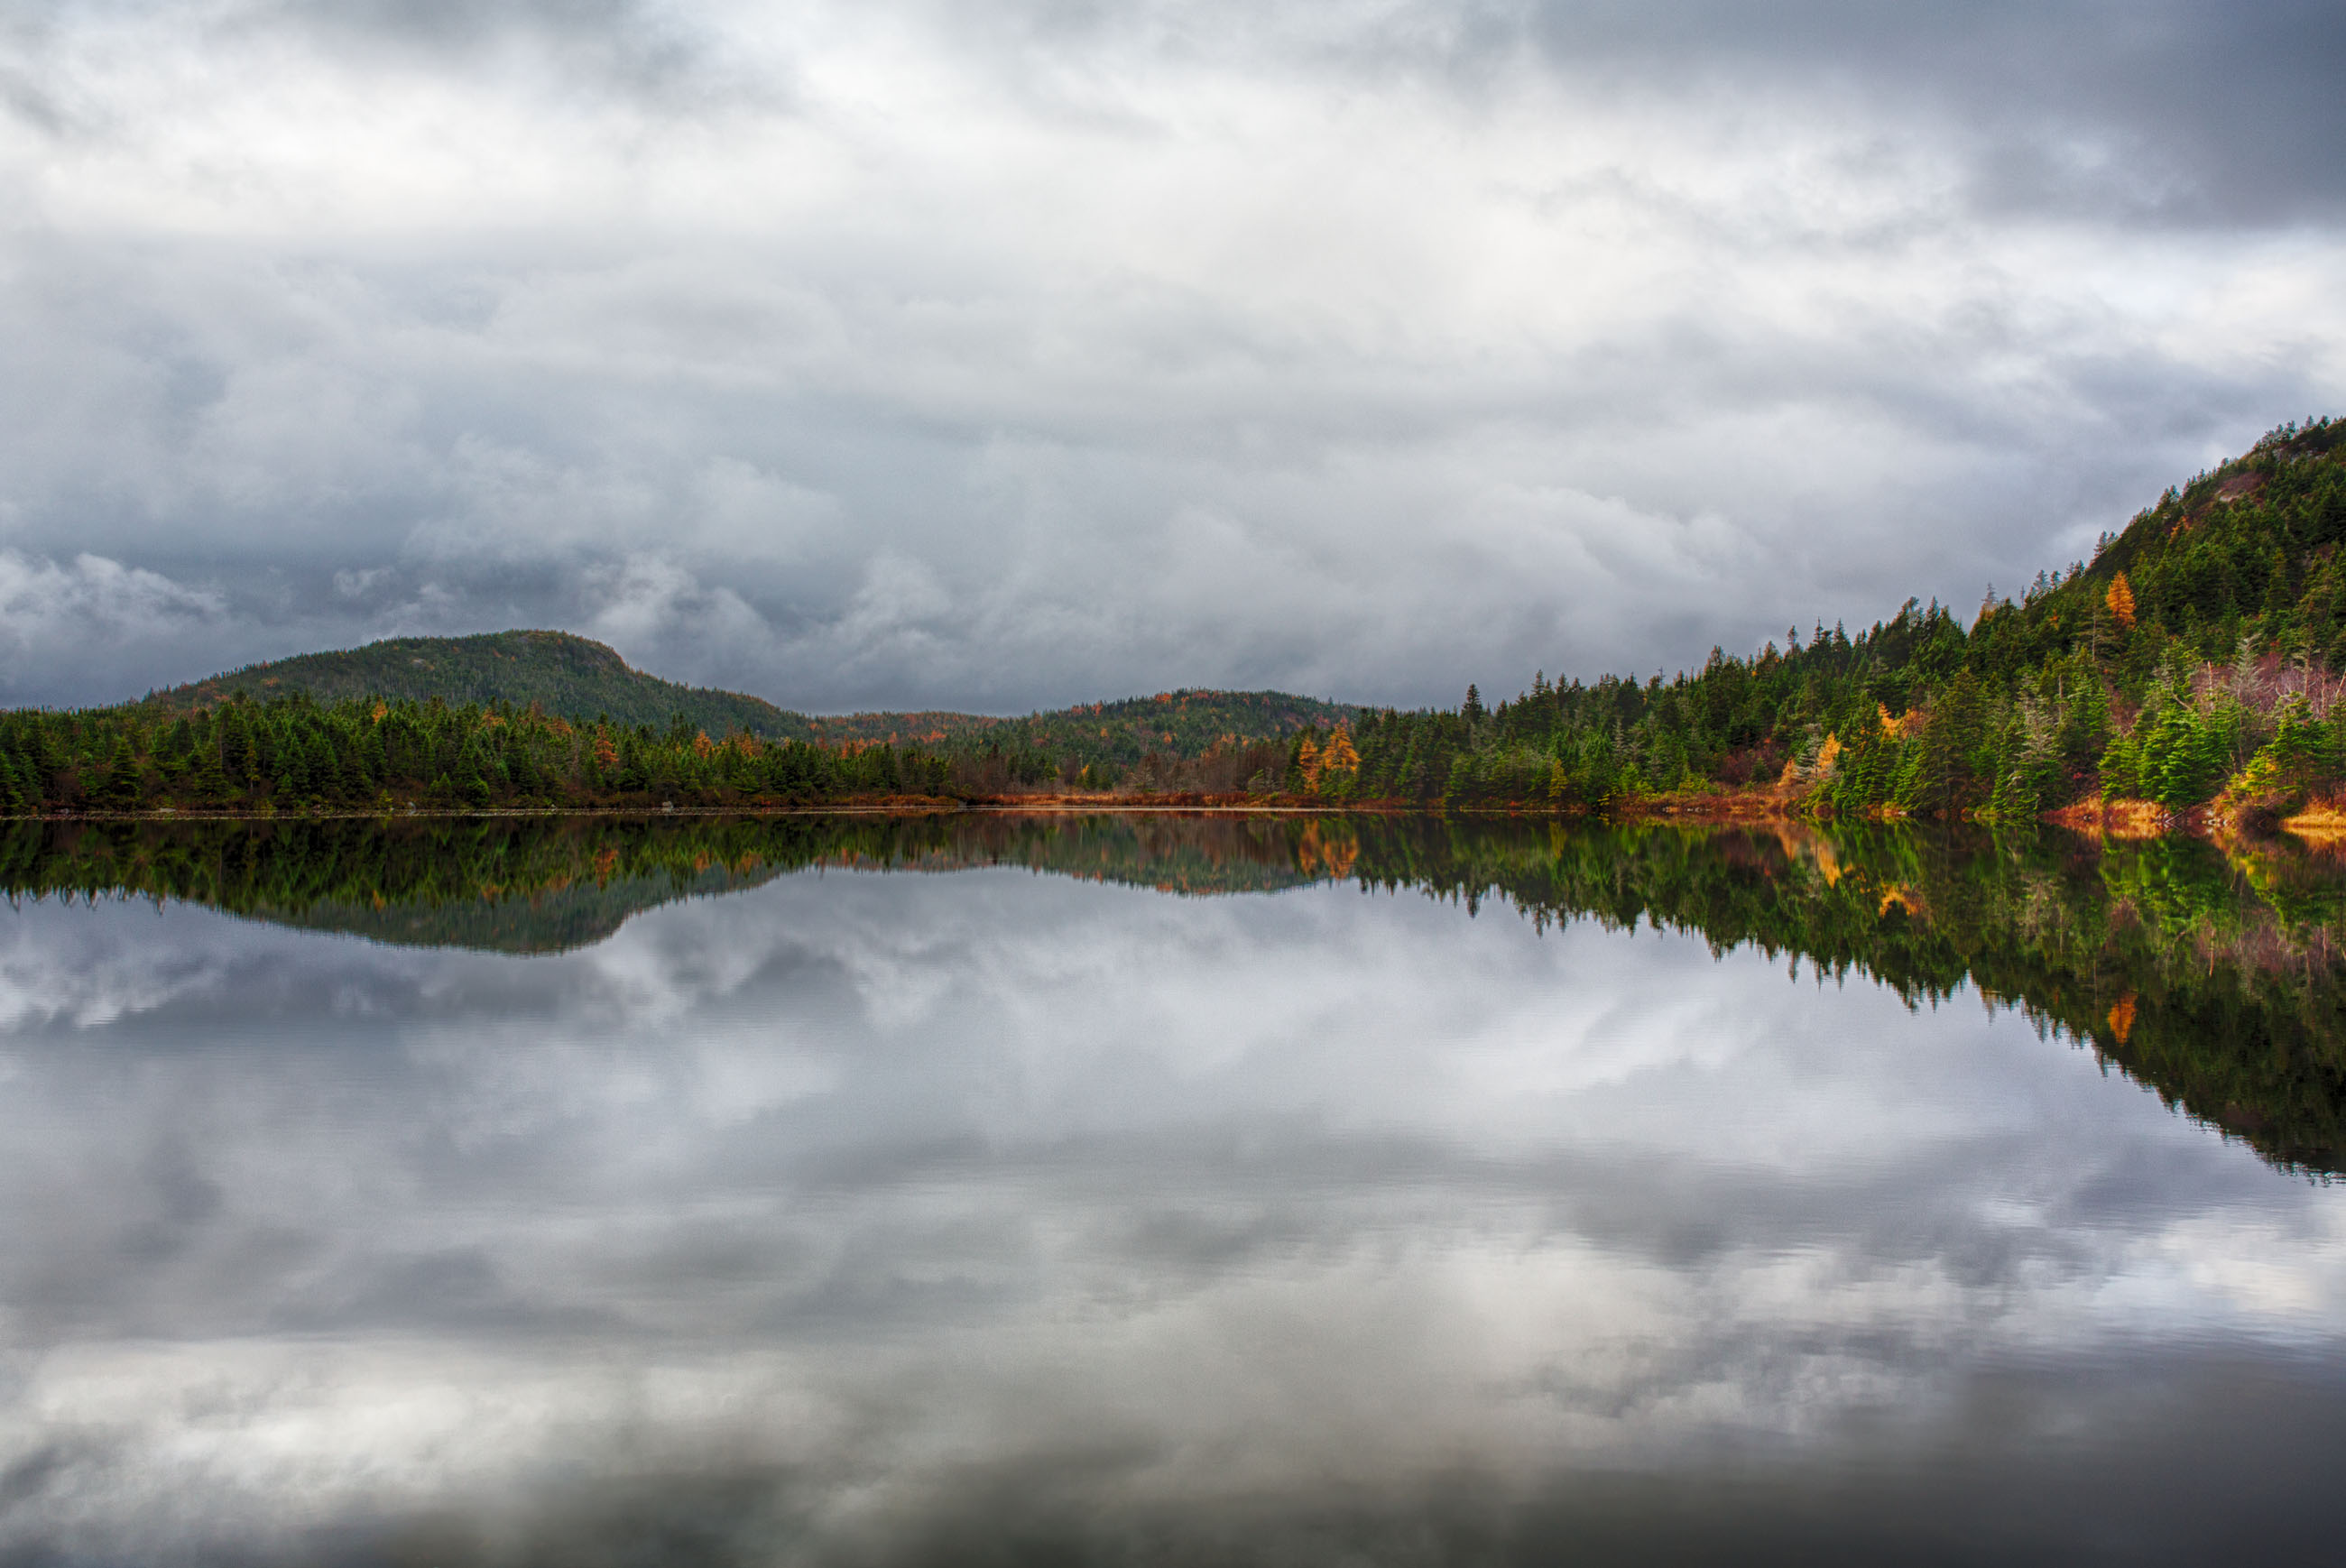 Lake in autumn photo